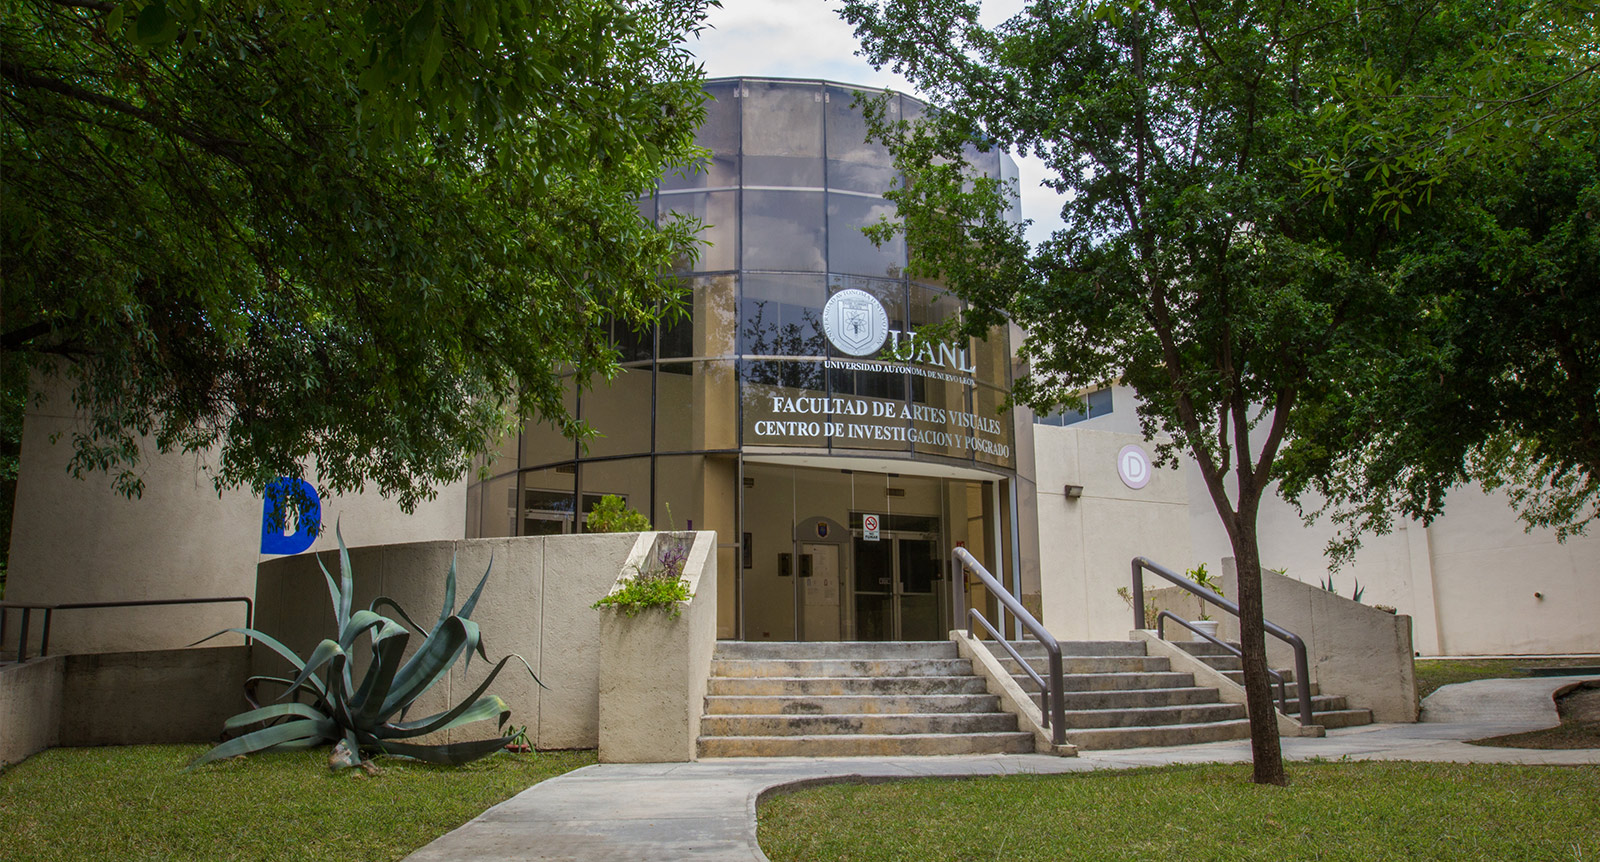 Centro de Investigación y Posgrado de la Facultad de Artes Visuales